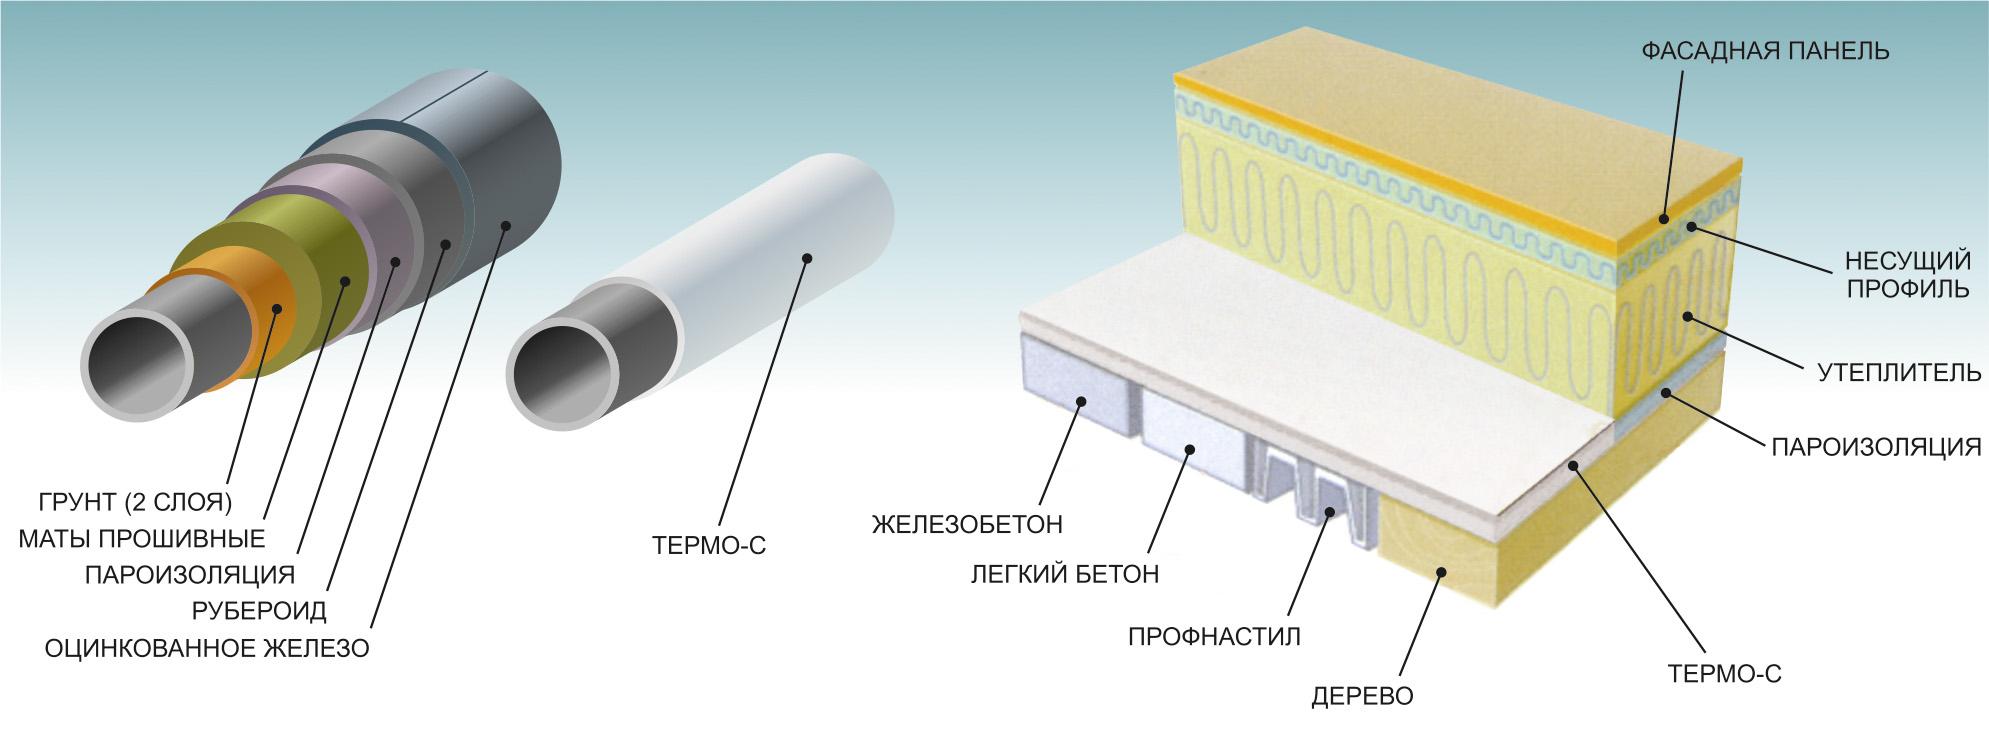 Теплоизоляция для труб отопления утепление и термоизоляция, теплоизоляционные материалы для трубопроводов, краска, минеральная вата